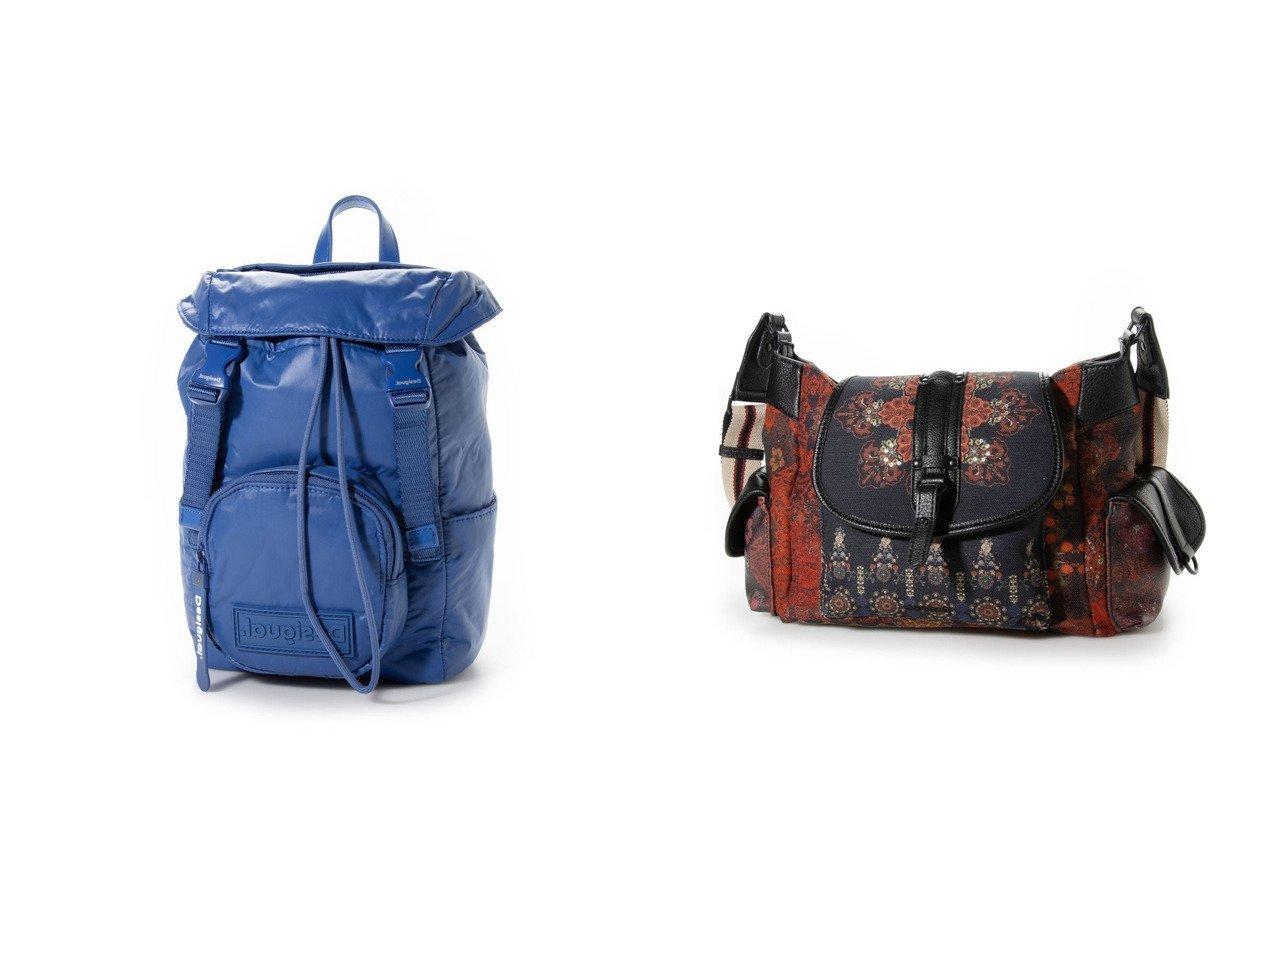 【Desigual/デシグアル】のバックパック FULL COLOR NAYARIT MINI&ショルダーバッグ INDOPATCH KYOTO バッグ・鞄のおすすめ!人気、トレンド・レディースファッションの通販 おすすめで人気の流行・トレンド、ファッションの通販商品 メンズファッション・キッズファッション・インテリア・家具・レディースファッション・服の通販 founy(ファニー) https://founy.com/ ファッション Fashion レディースファッション WOMEN バッグ Bag 2021年 2021 2021 春夏 S/S SS Spring/Summer 2021 S/S 春夏 SS Spring/Summer フロント ポケット ラップ 春 Spring 無地 財布  ID:crp329100000016342